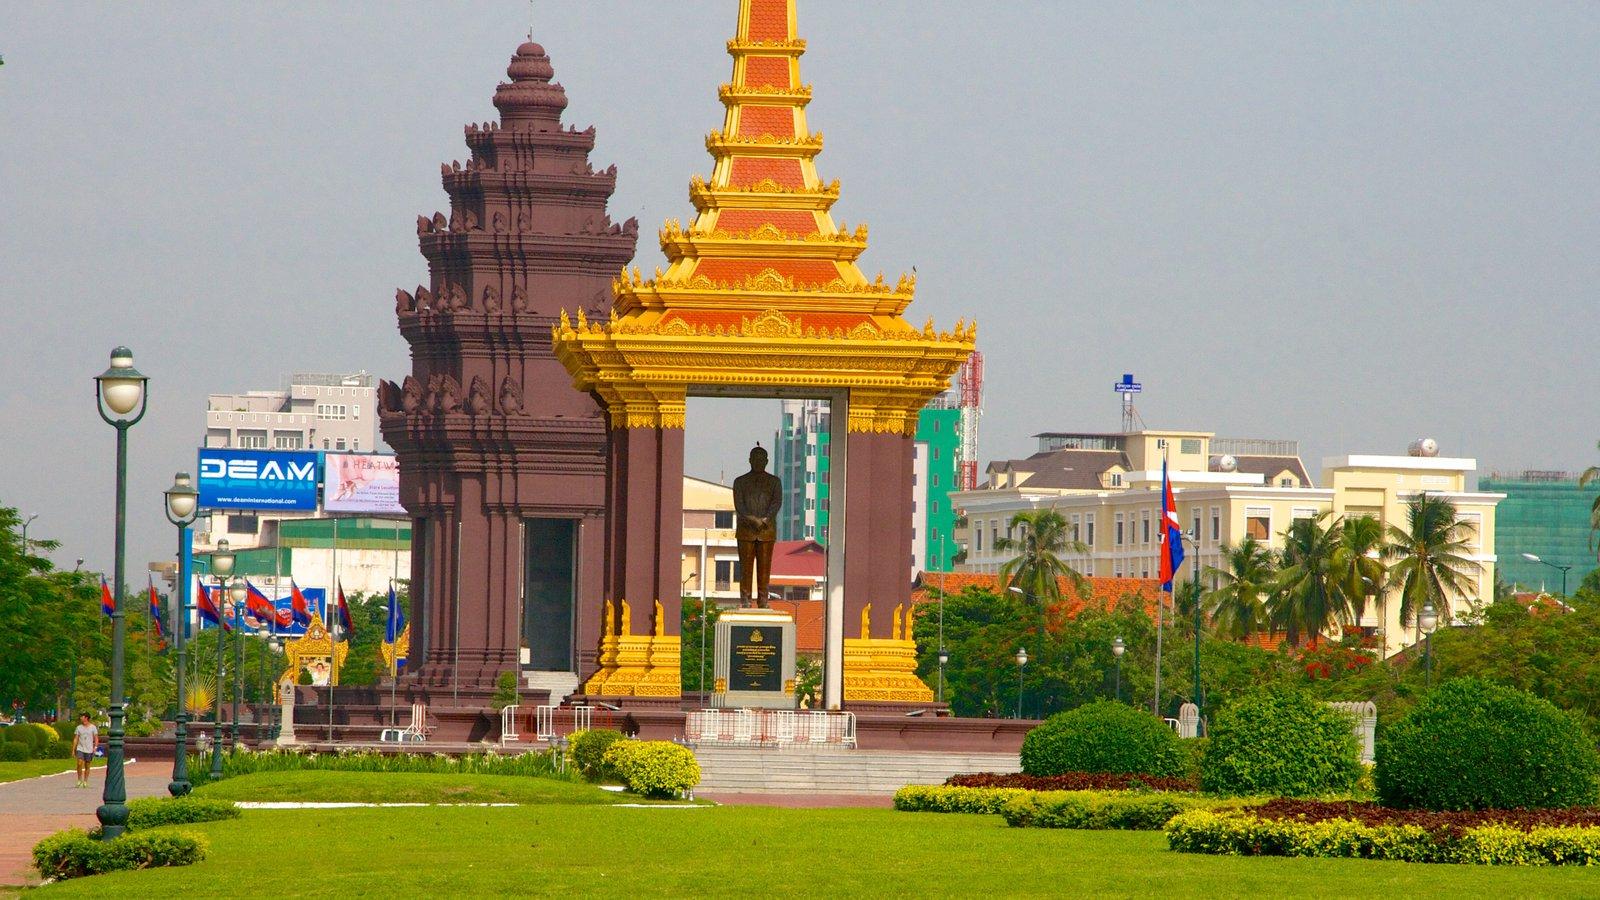 столица камбоджи фото примечательно медали чемпионатов